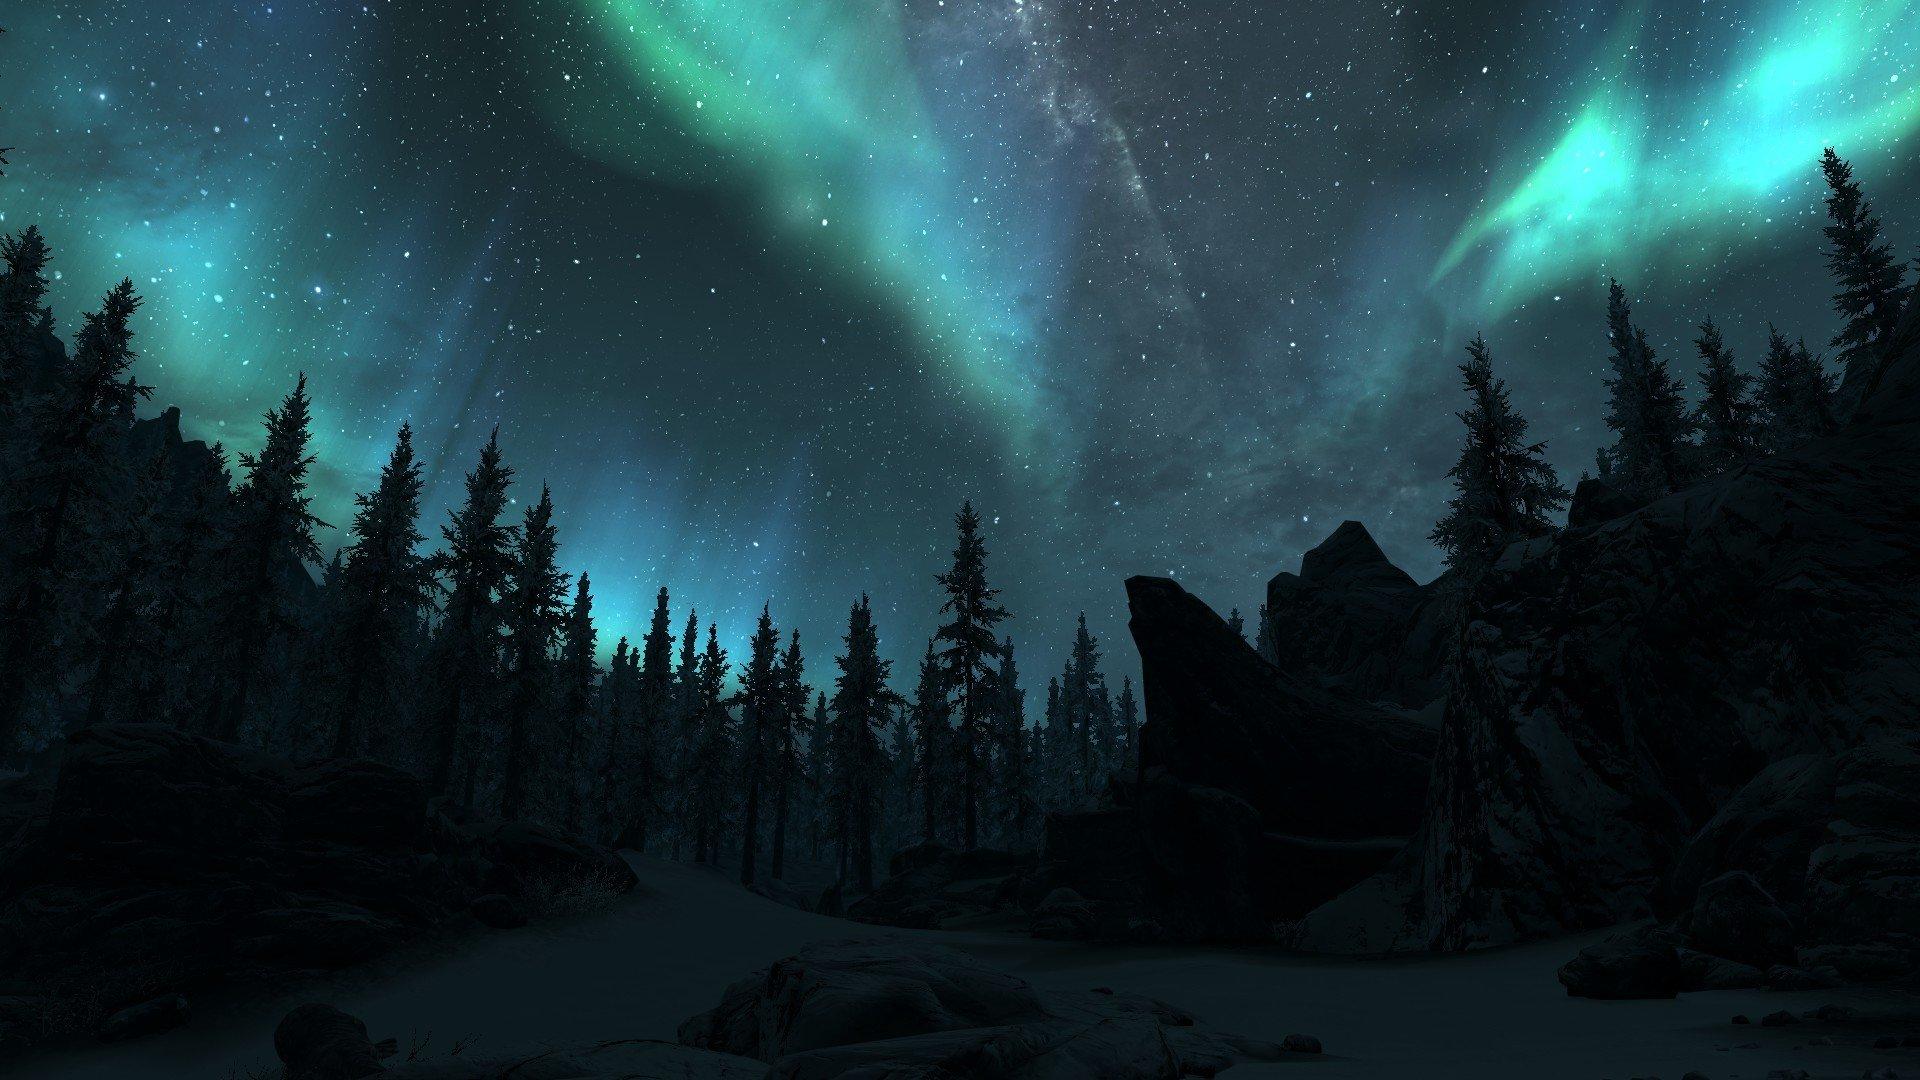 Aurora borealis over winter forest hd wallpaper sfondi for Sfondi desktop aurora boreale